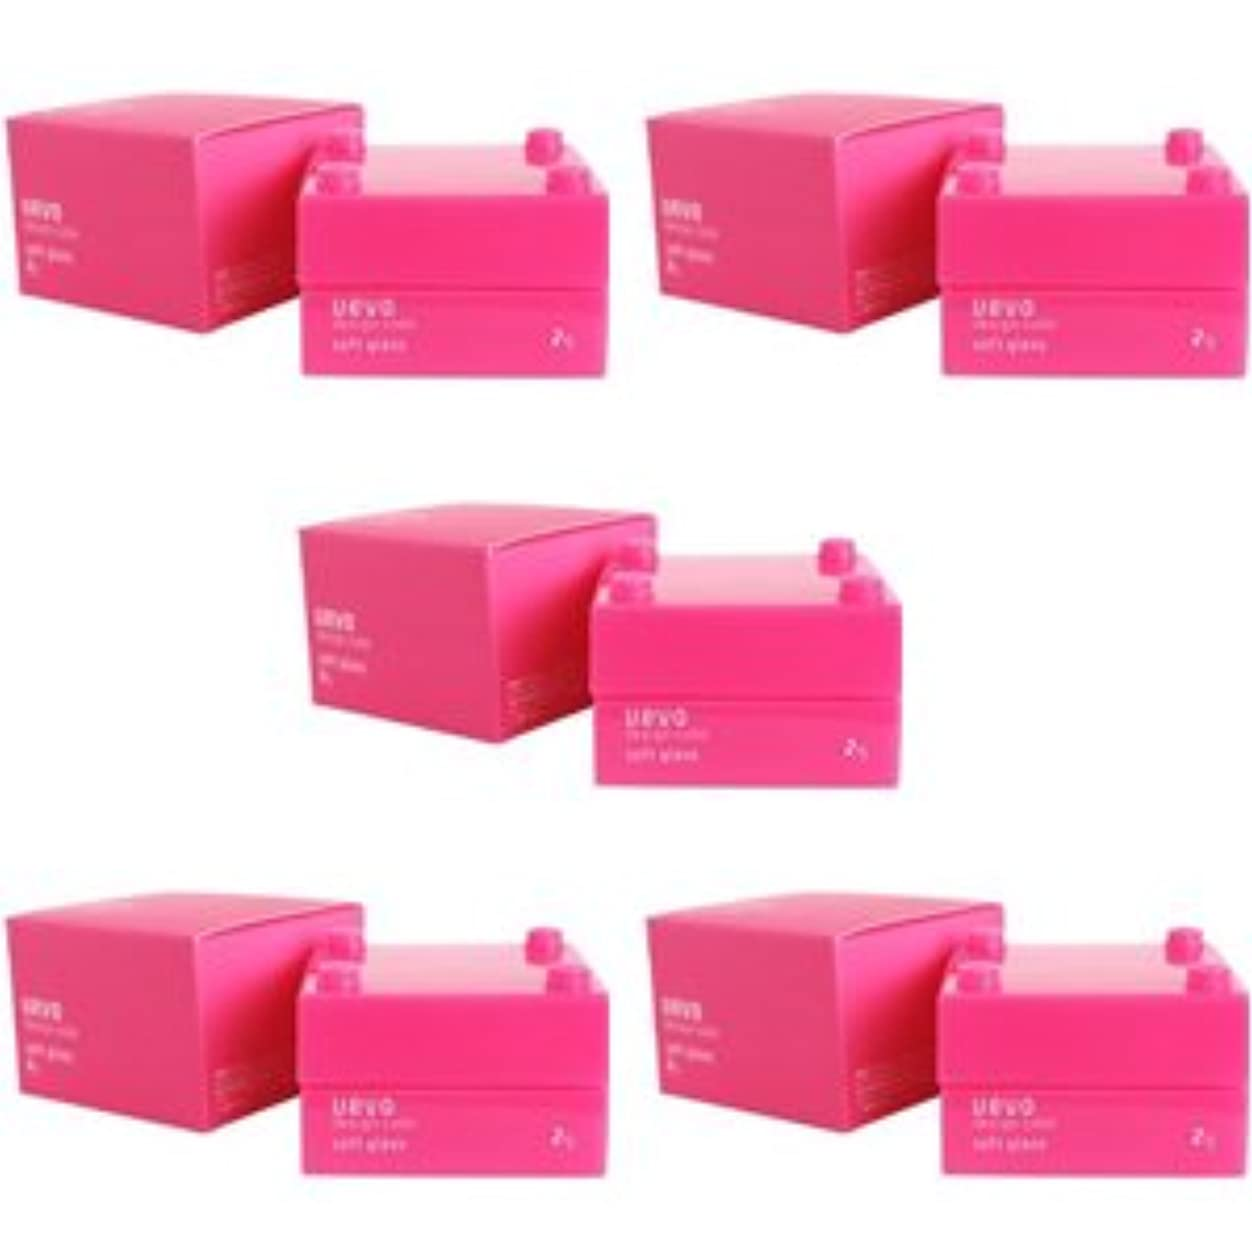 ポーズペレグリネーション拡大する【X5個セット】 デミ ウェーボ デザインキューブ ソフトグロス 30g soft gloss DEMI uevo design cube